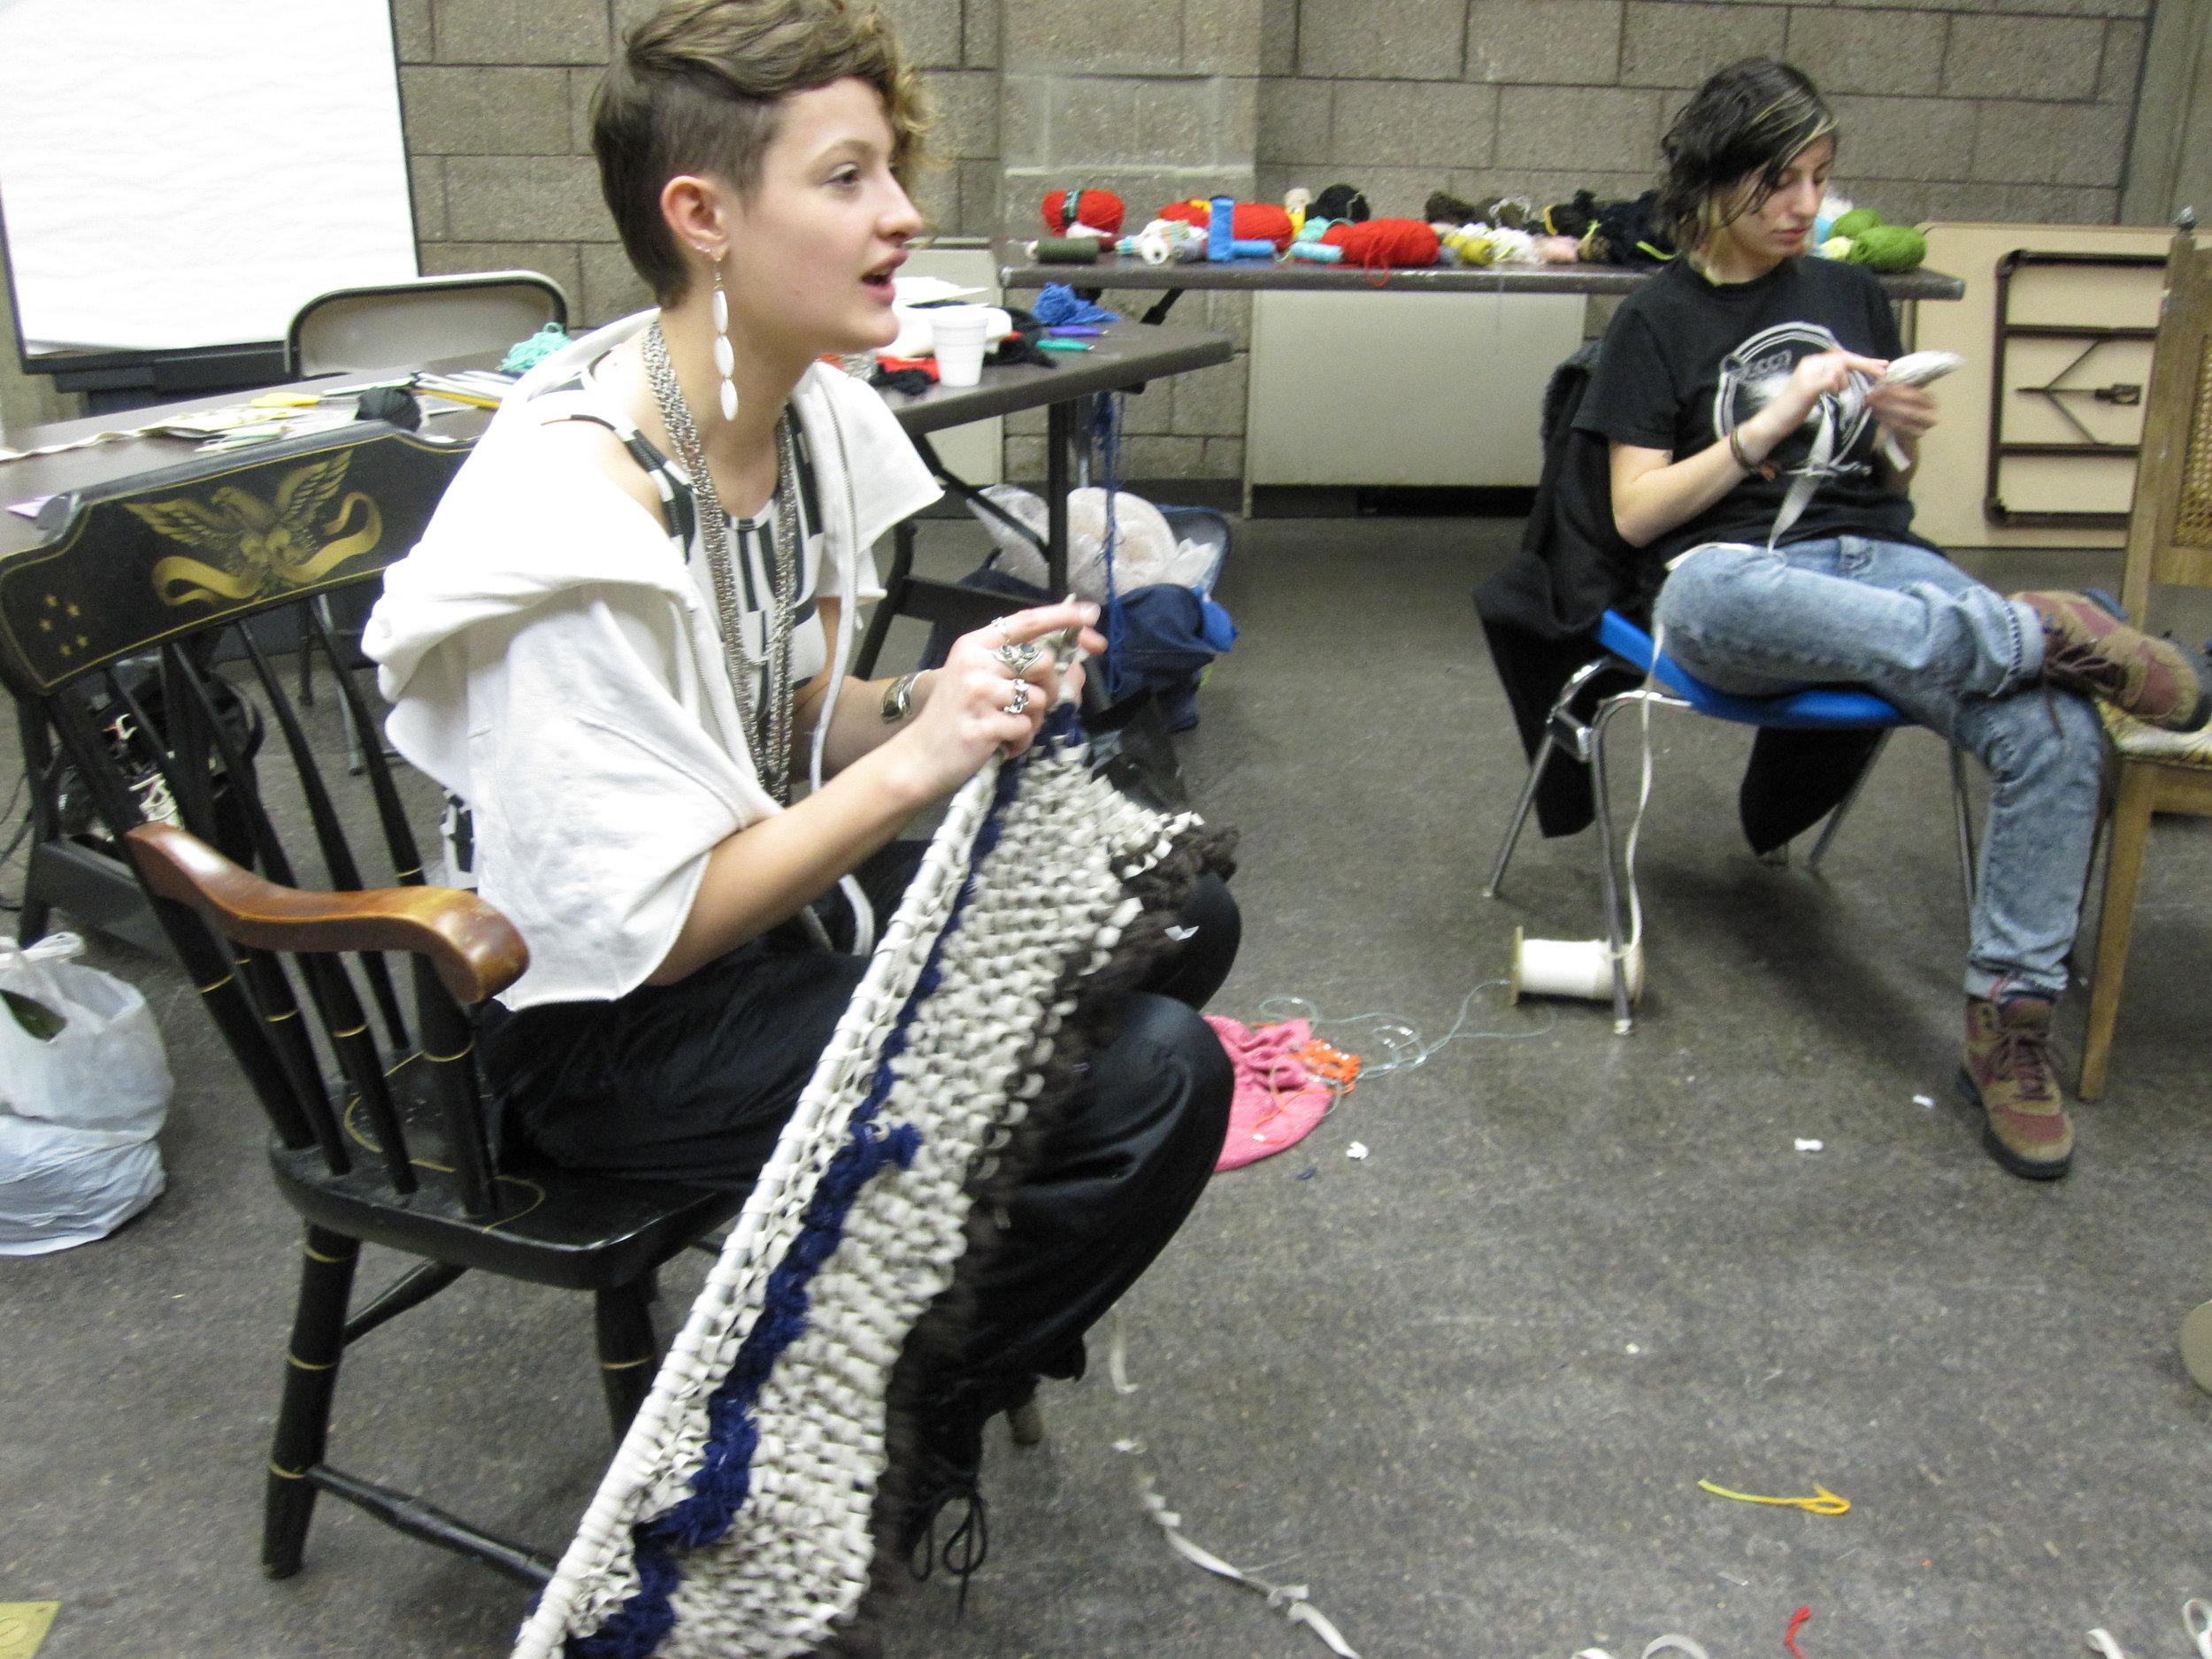 knittingmarathon10_4315243004_o.jpg